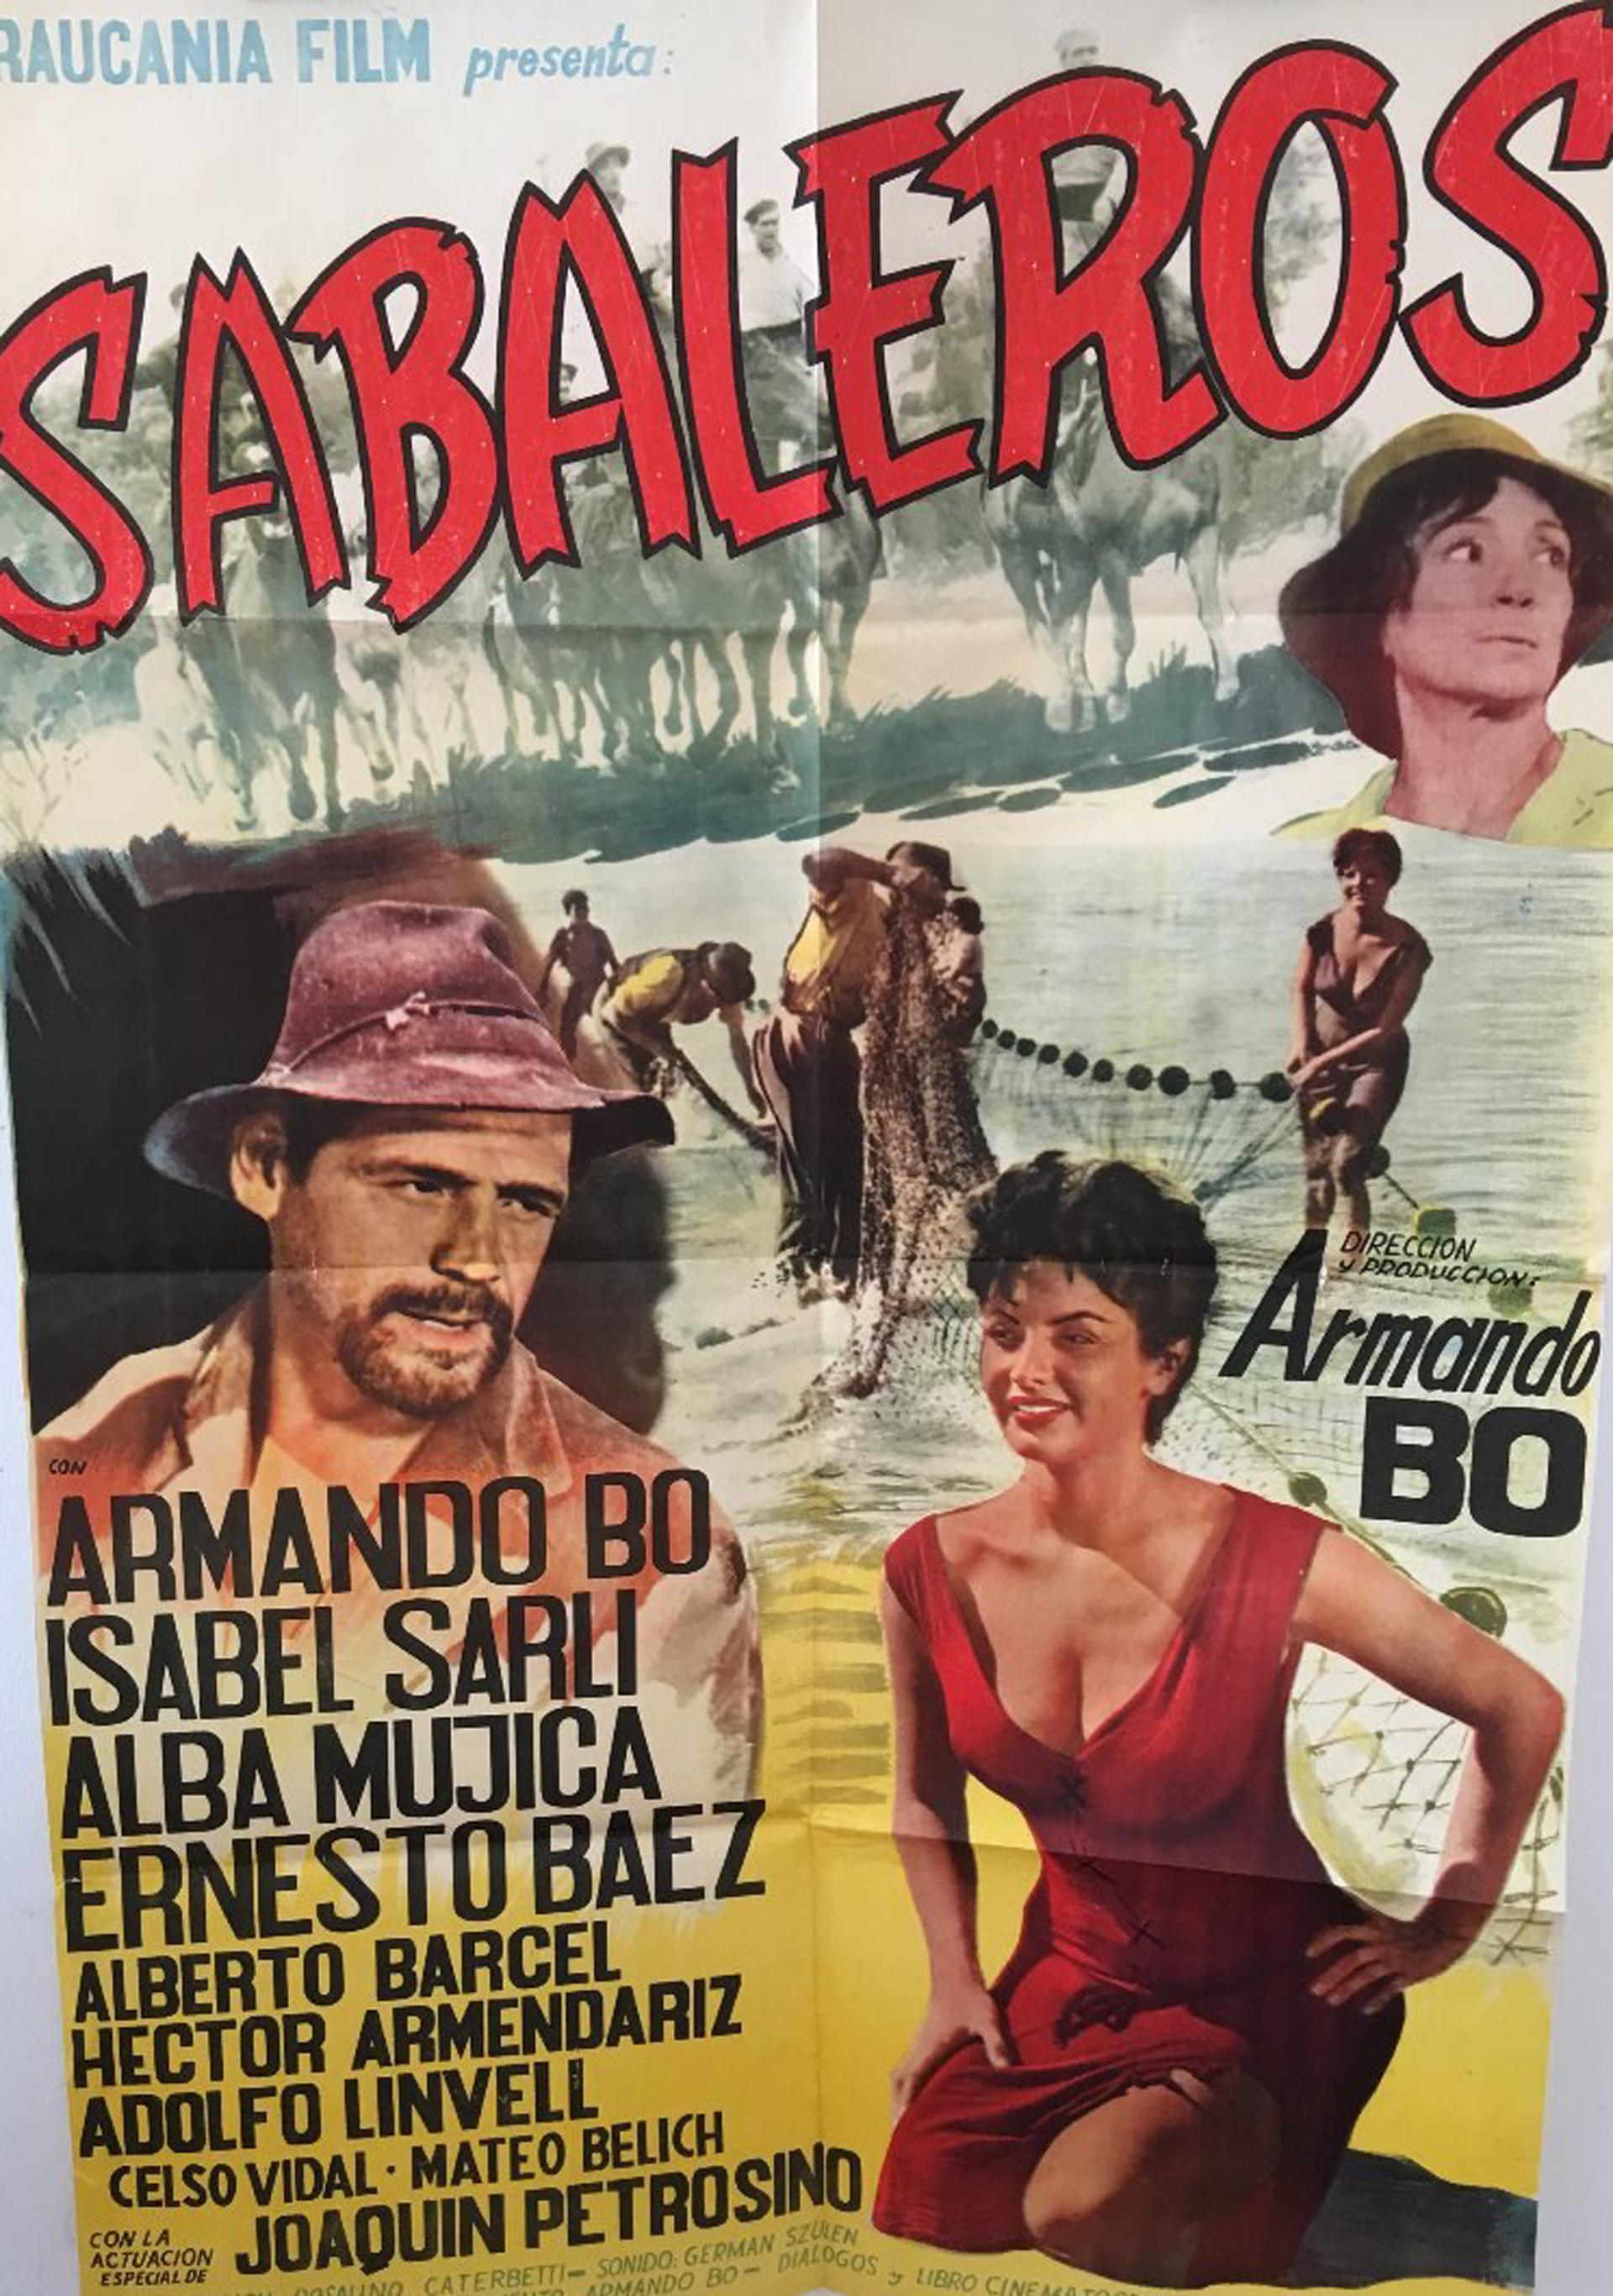 Sabaleros, la segunda película que hizo Isabel, en 1959, con Armando Bó como director. Un año antes habían hecho juntos El trueno en las hojas